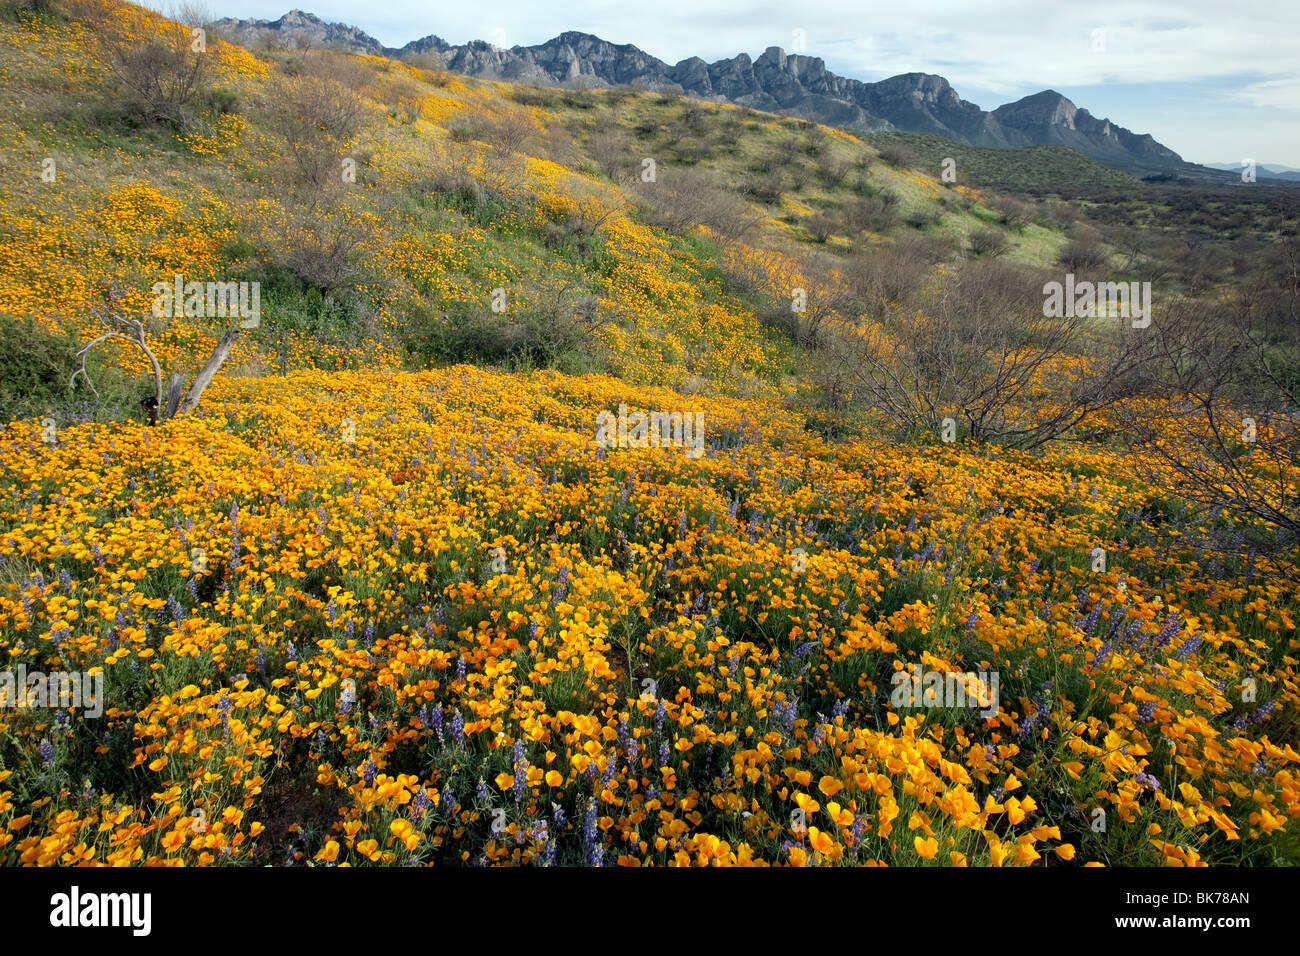 Sea of Wildflowers, California Poppies and Desert Lupine, Catalina State Park, Tucson, Arizona - Stock Image